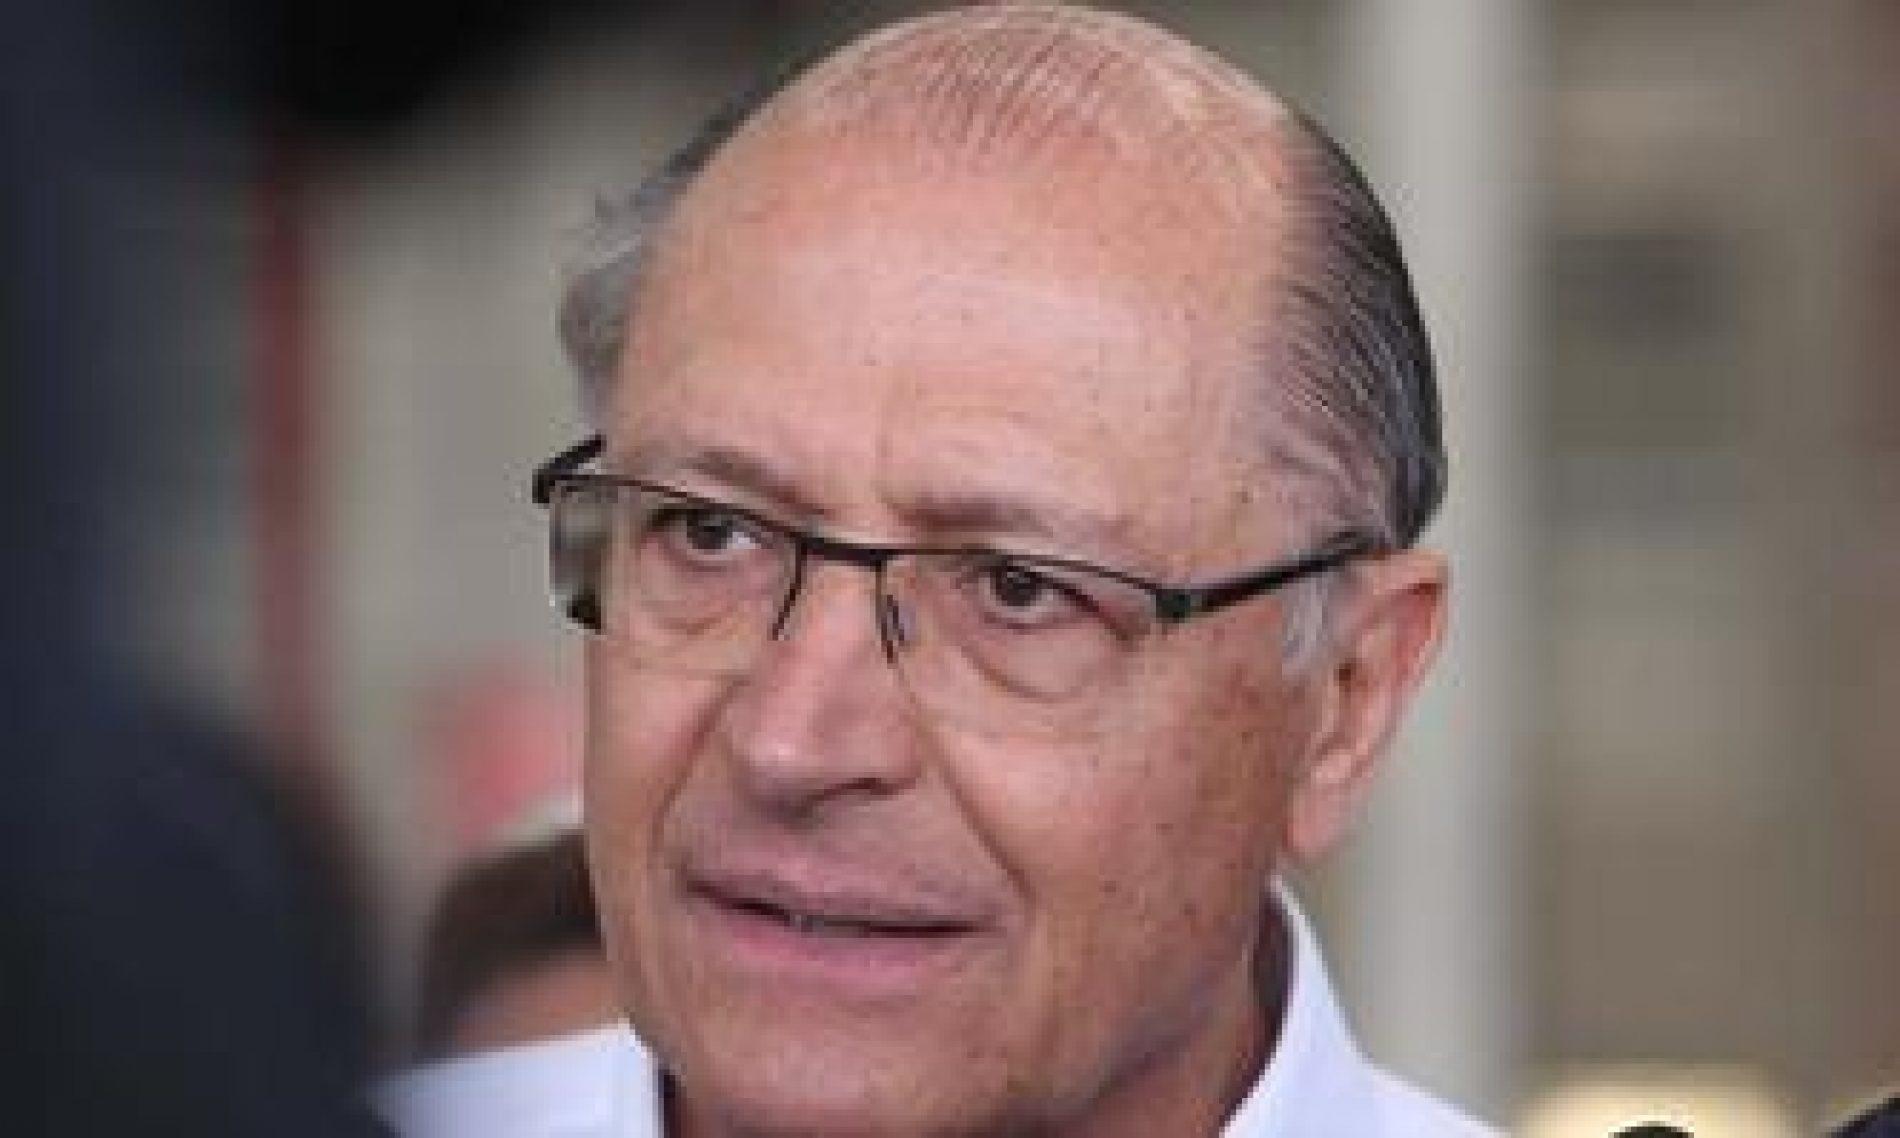 Alckmin ataca Bolsonaro e Haddad e fala que 'campanha tende a se acirrar'